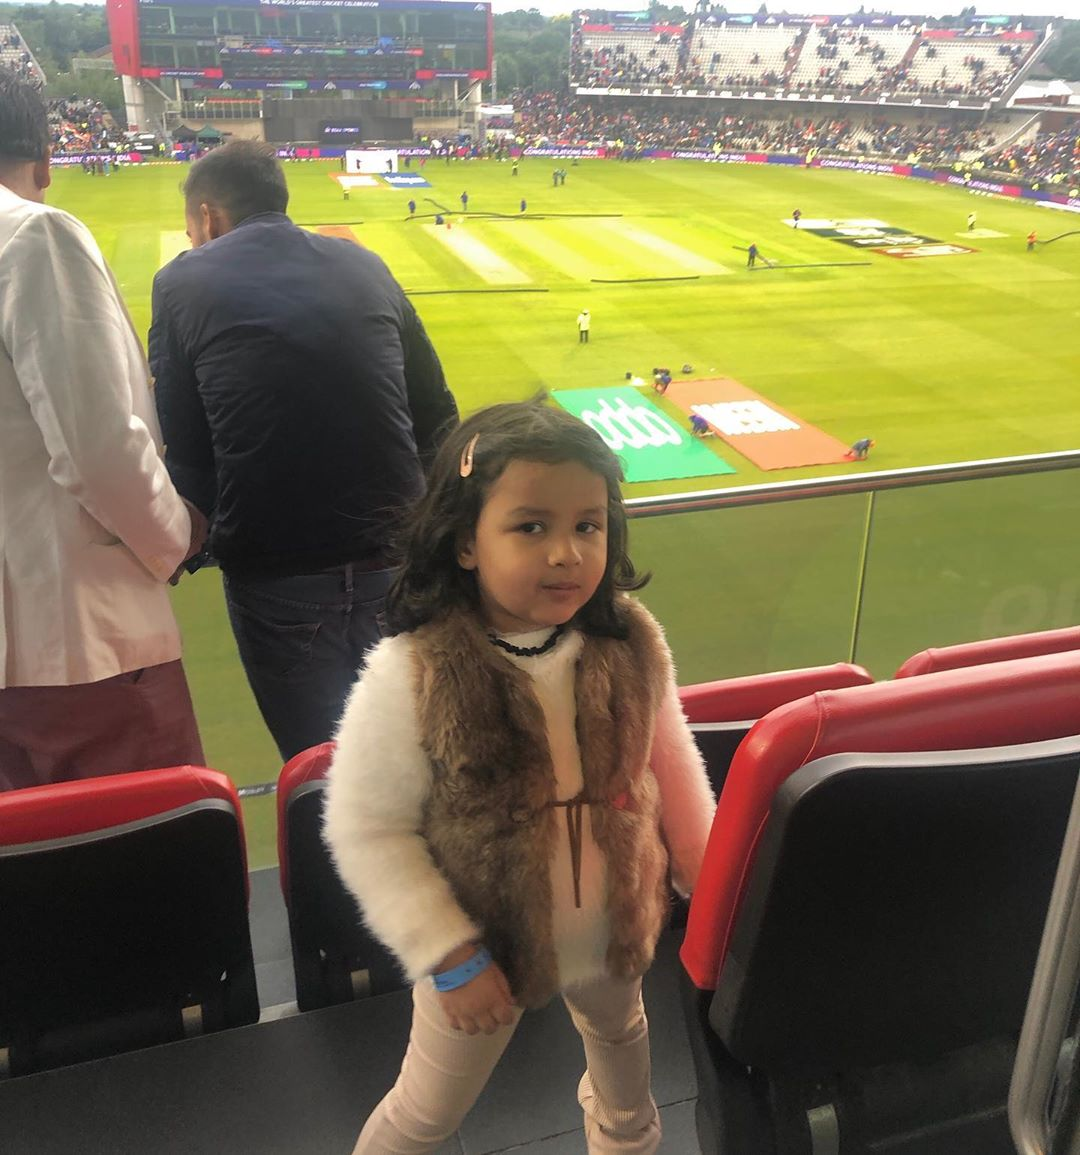 भारत-पाकिस्तान यांच्यात झालेल्या महामुकाबल्या दरम्यानही झिवा मॅचेंस्टरच्या मैदानावर दिसली. यावेळी ती भारताचा युवा खेळाडू ऋषभ पंत याच्यासोबत मस्ती करताना दिसत होती. त्यांचे व्हिडिओ सोशल मीडियावर व्हायरल होत आहेत.